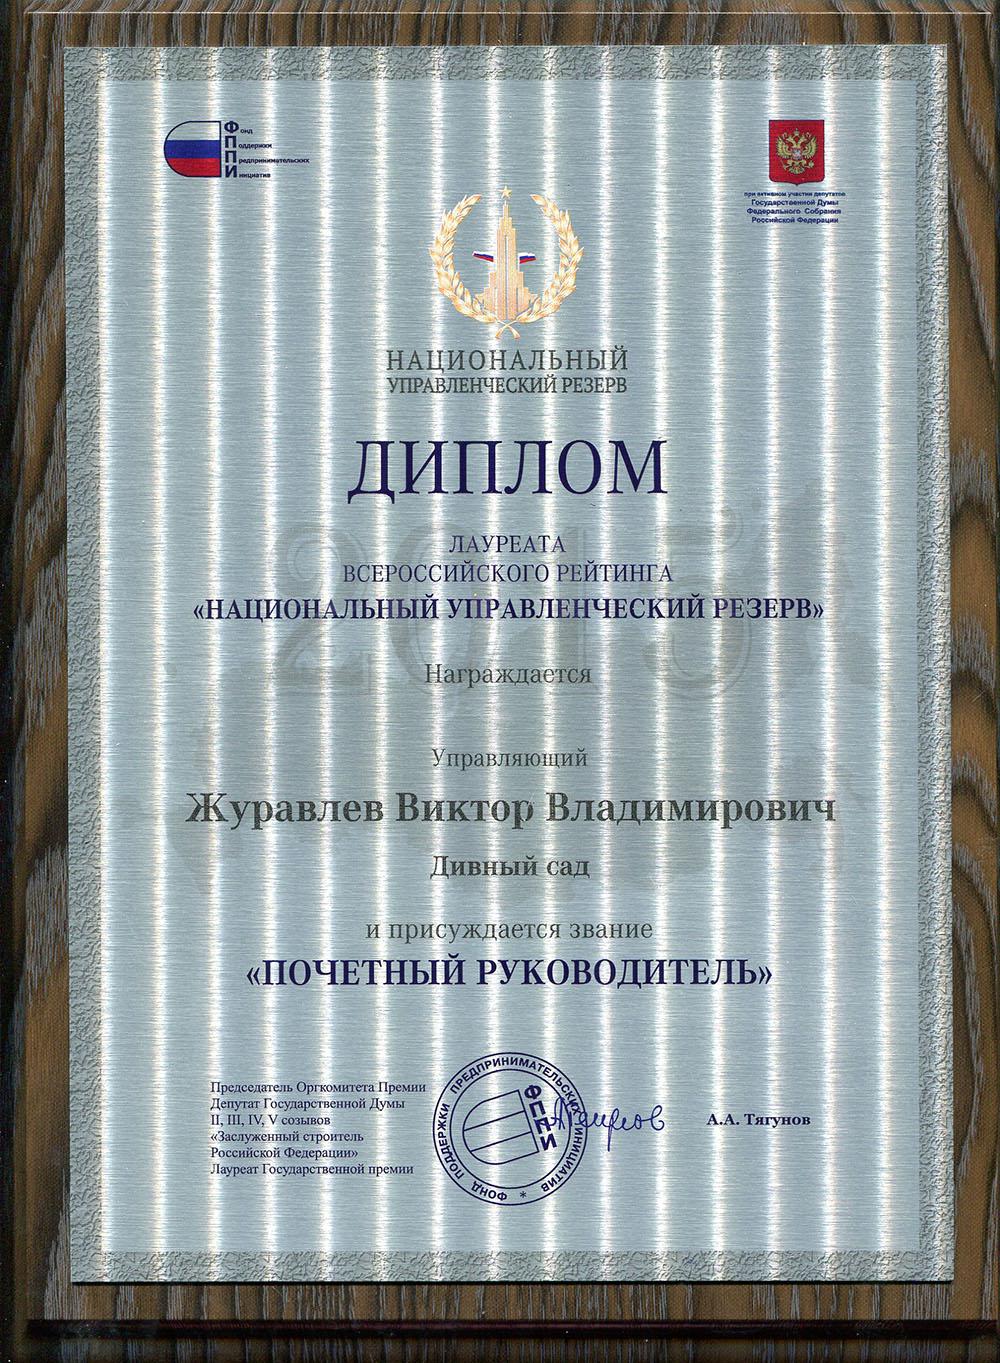 Диплом лауреата всероссийского рейтинга «Национальный управленческий резерв»